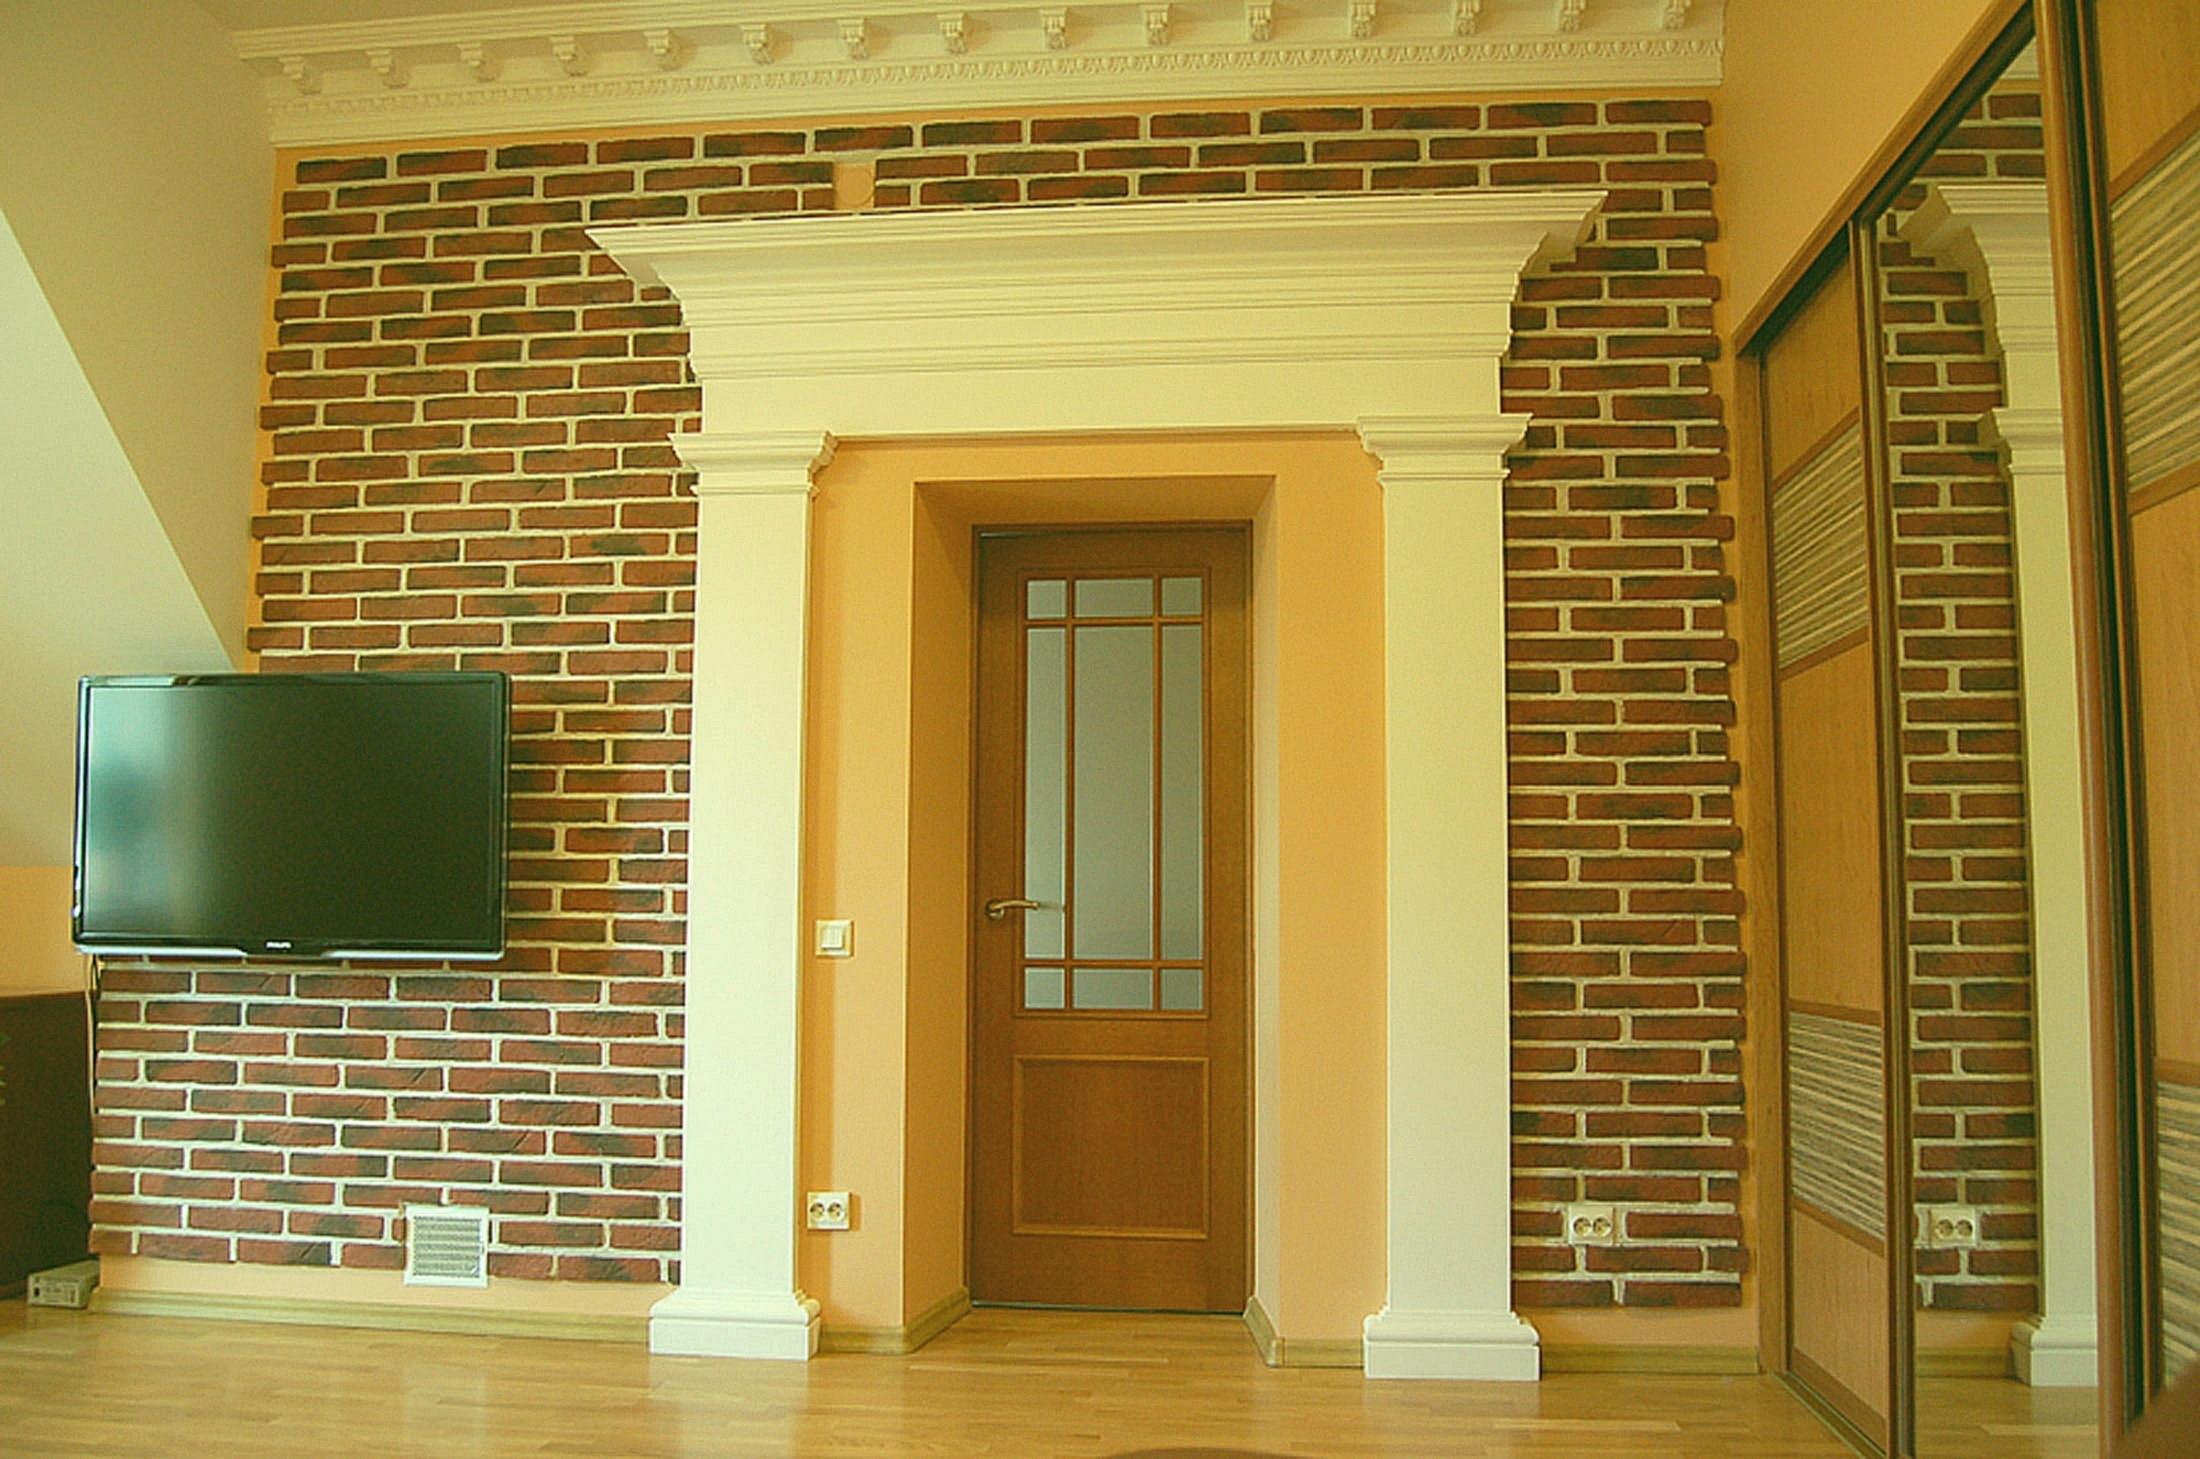 временем оформить портал двери декоративным камнем фото был социологом